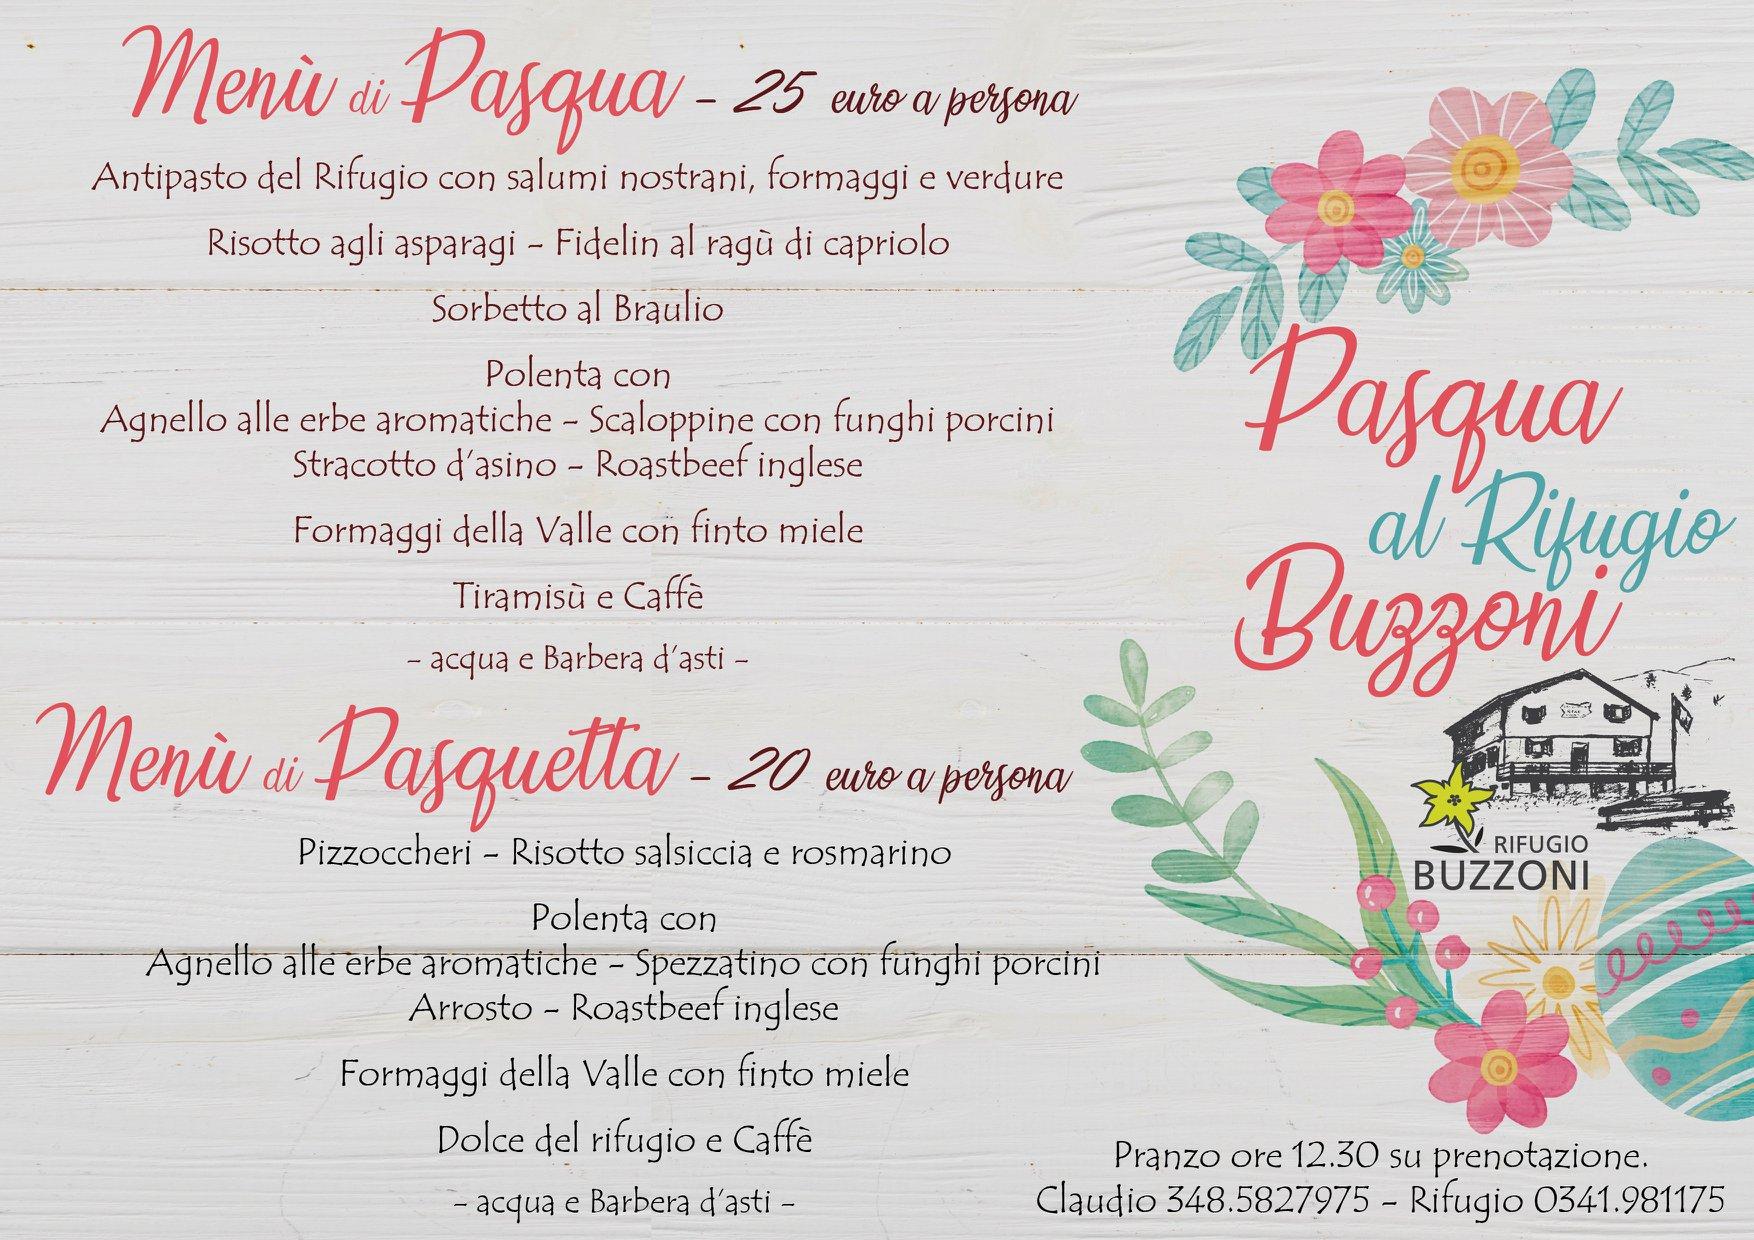 Menù di Pasqua e Pasquetta al Rifugio Buzzoni